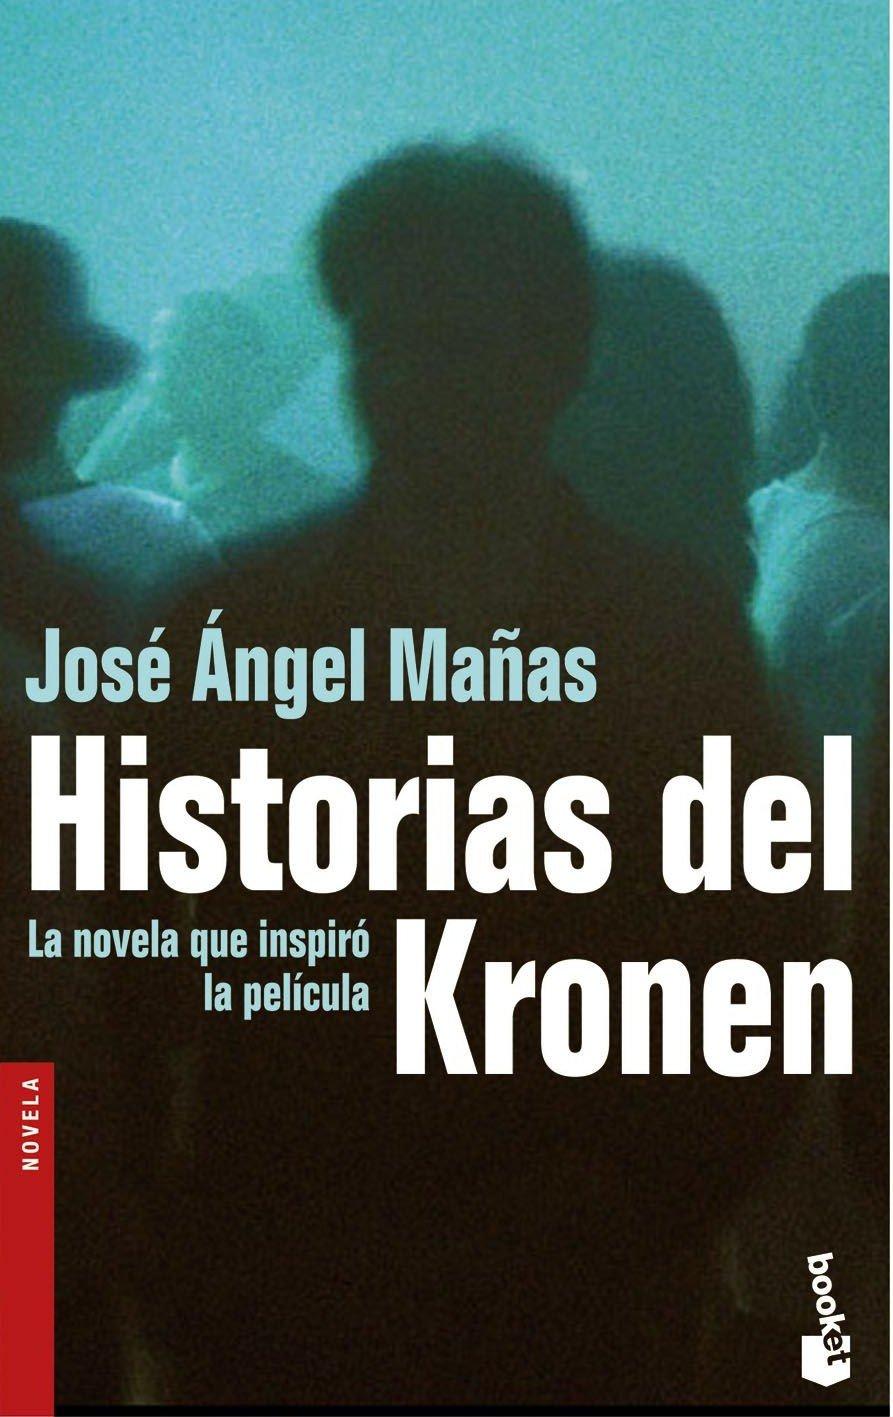 Historias del Kronen (Booket Logista)